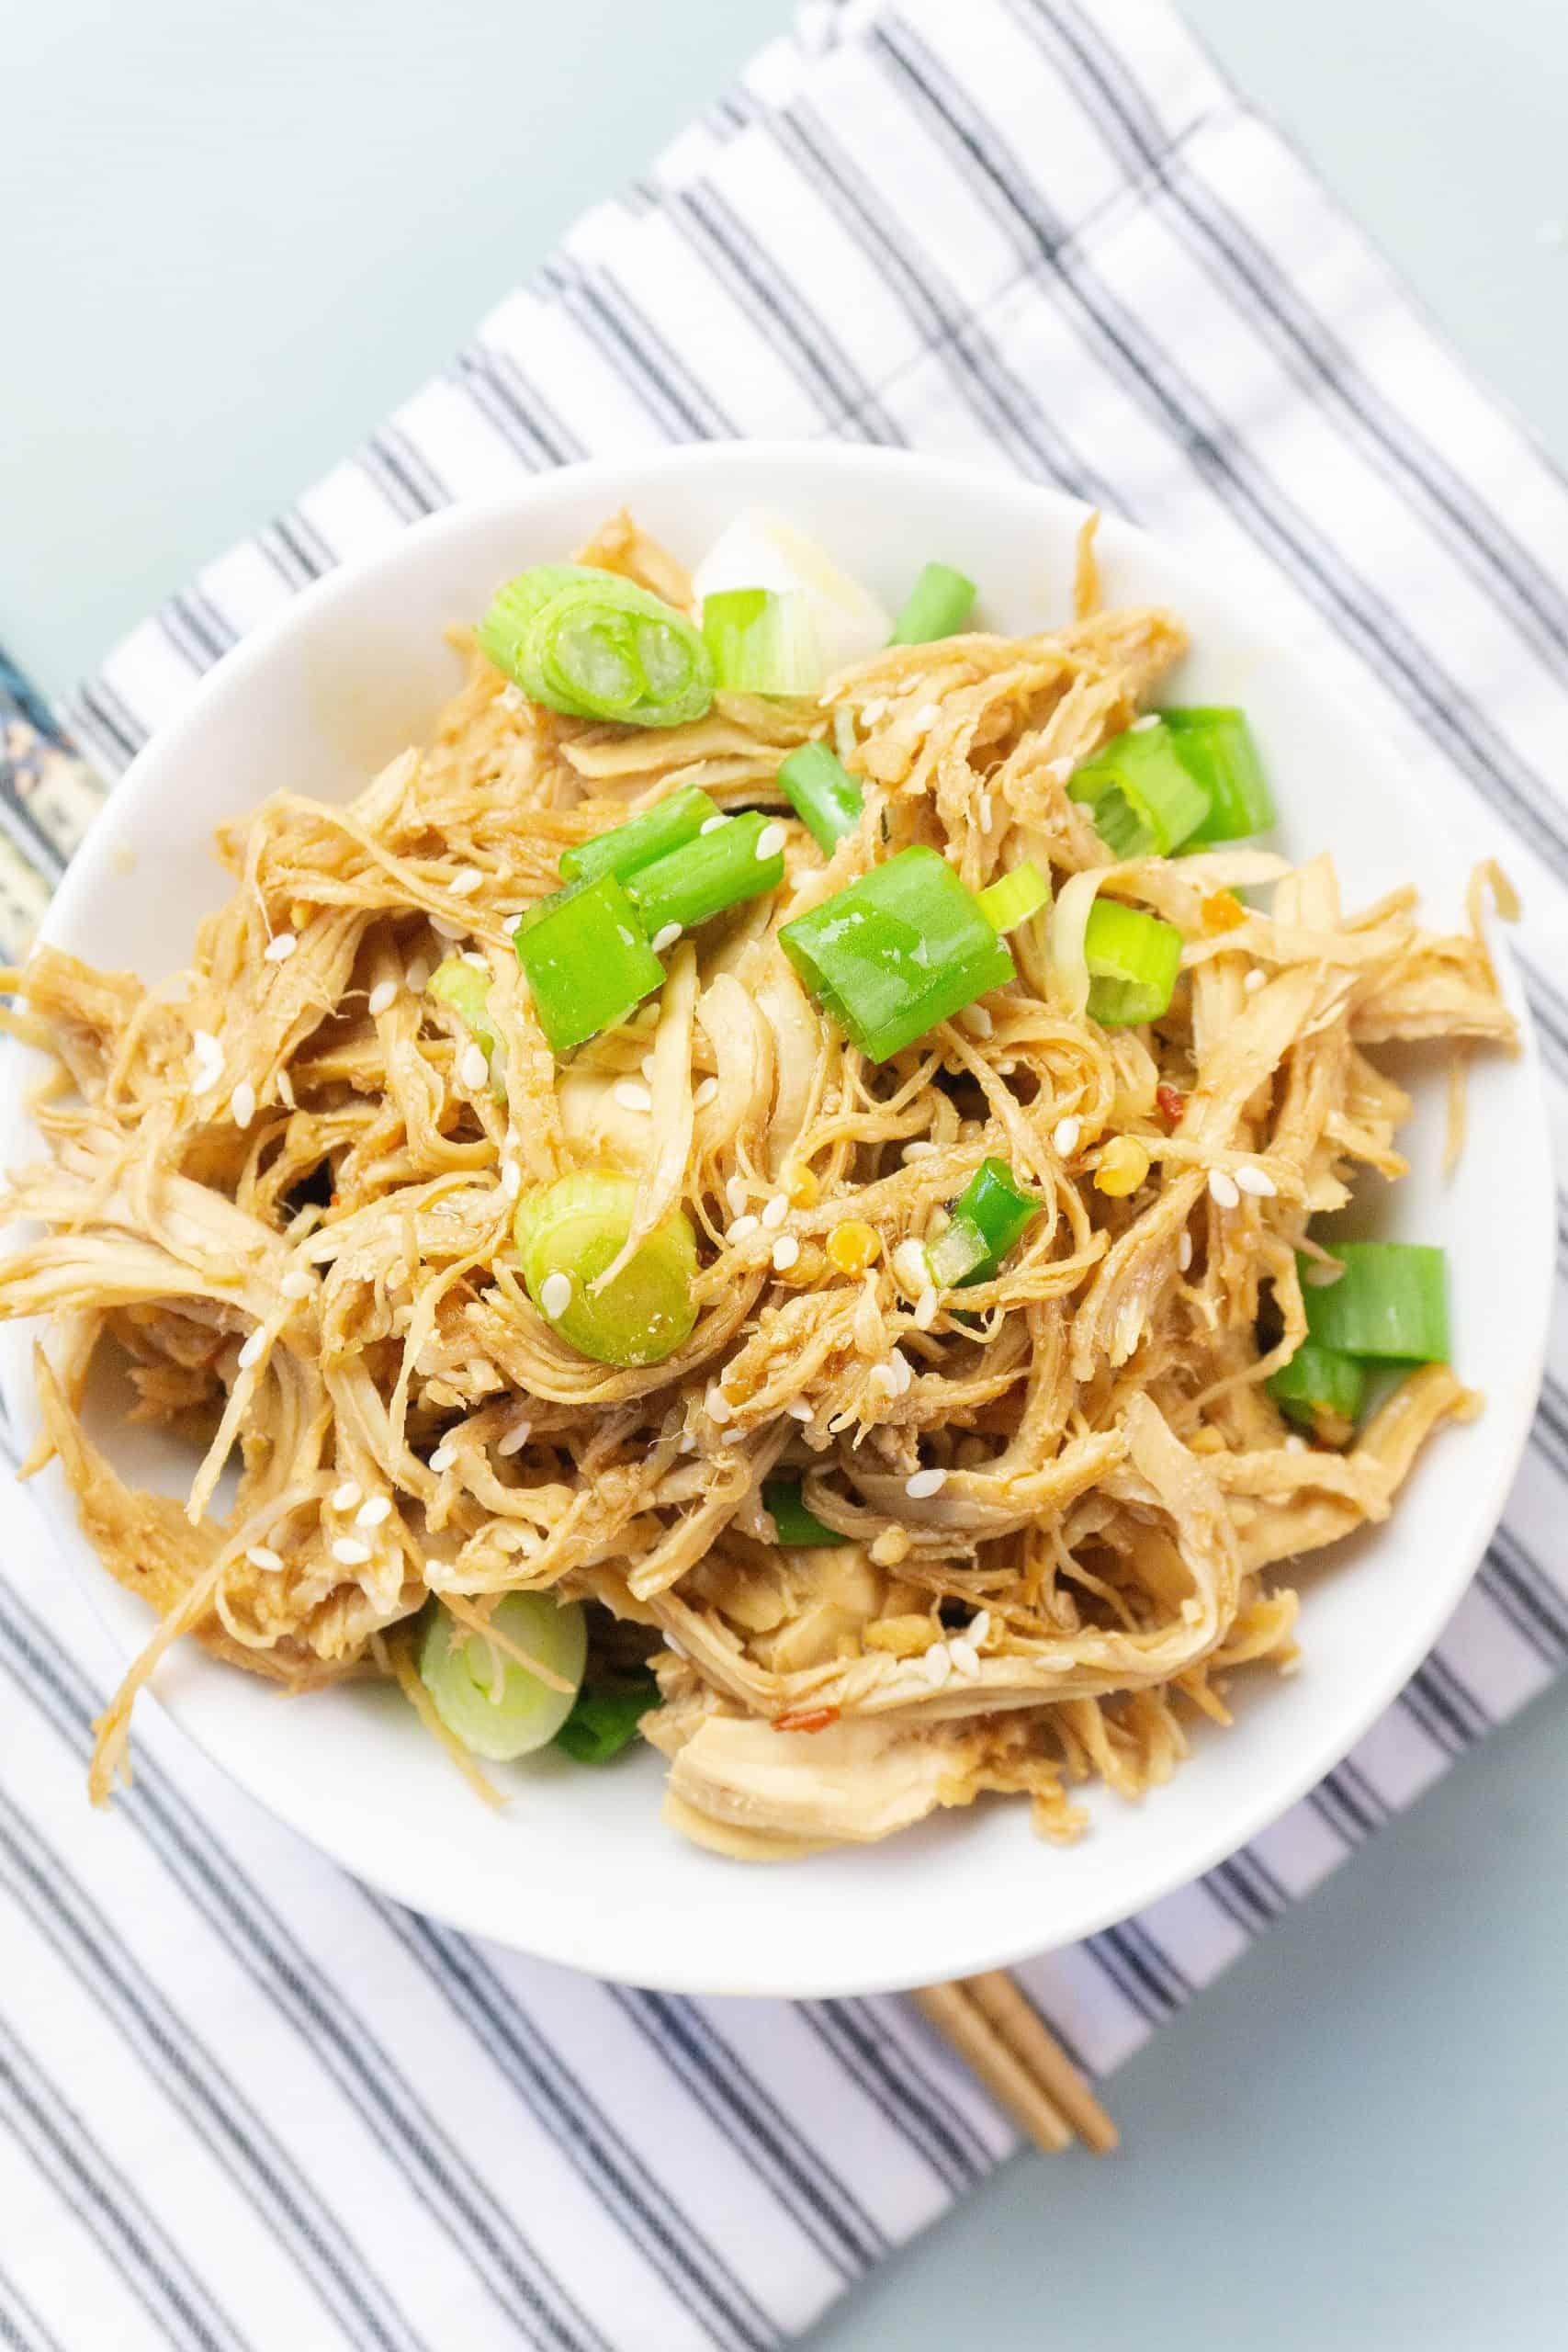 Instant Pot Garlic Teriyaki Chicken